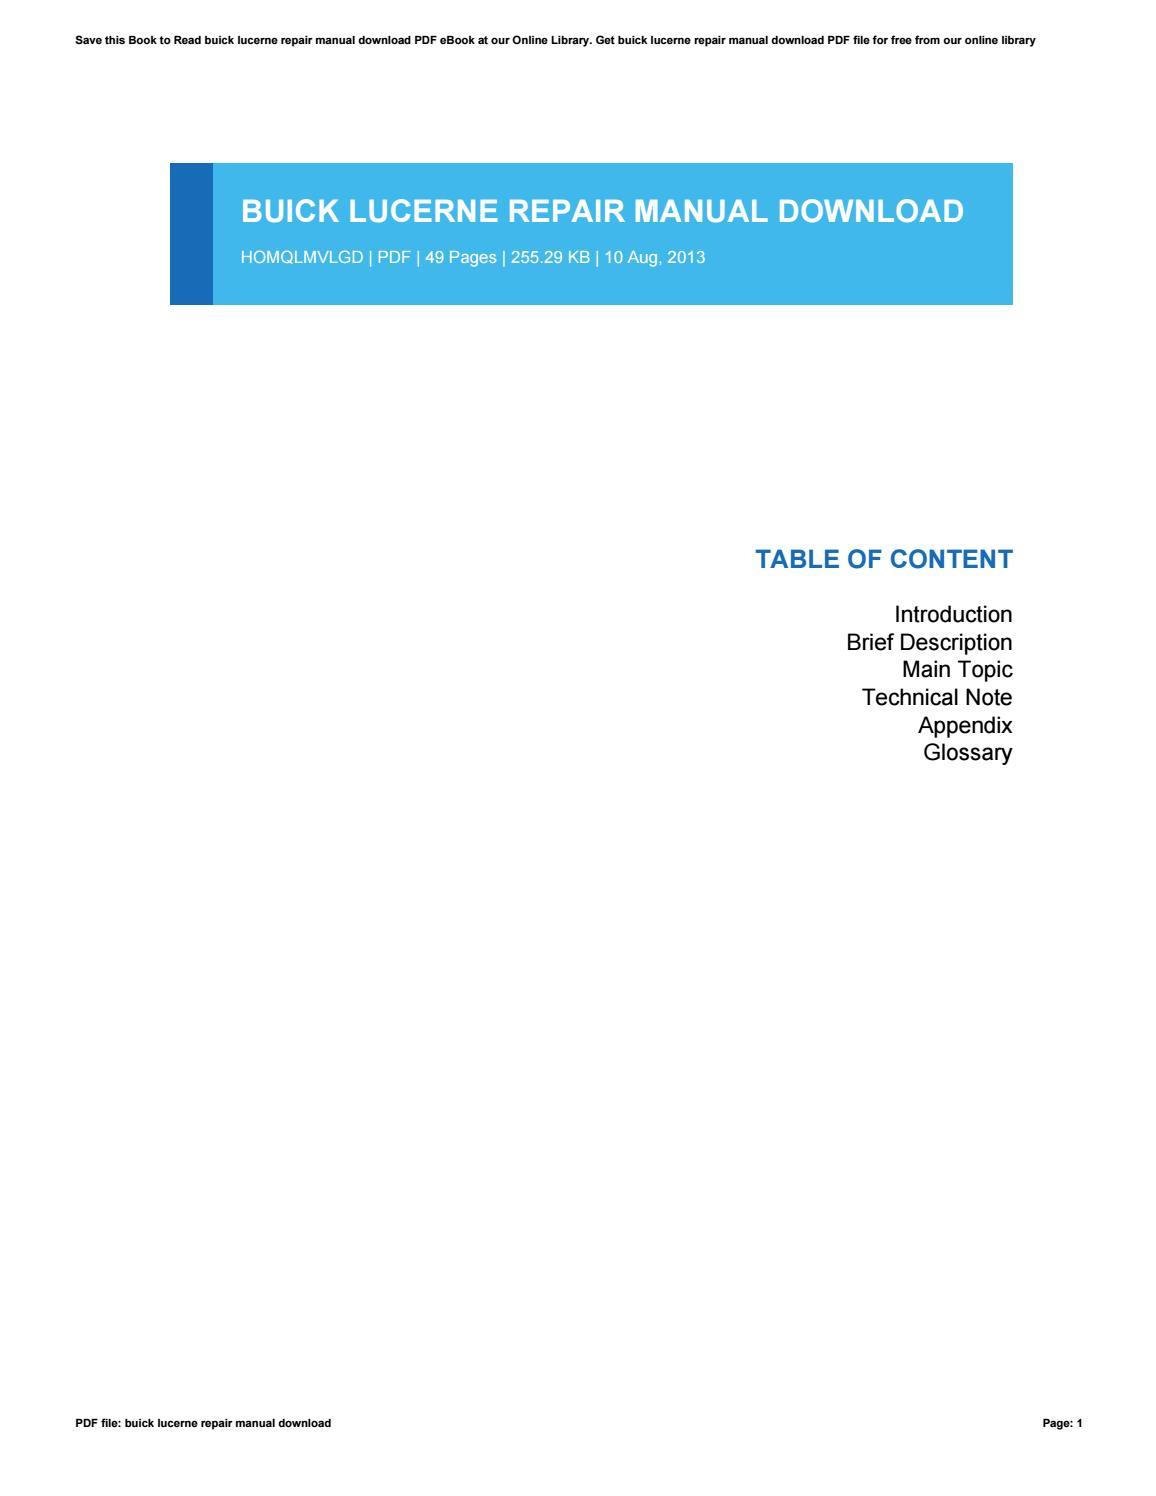 free buick repair manual online